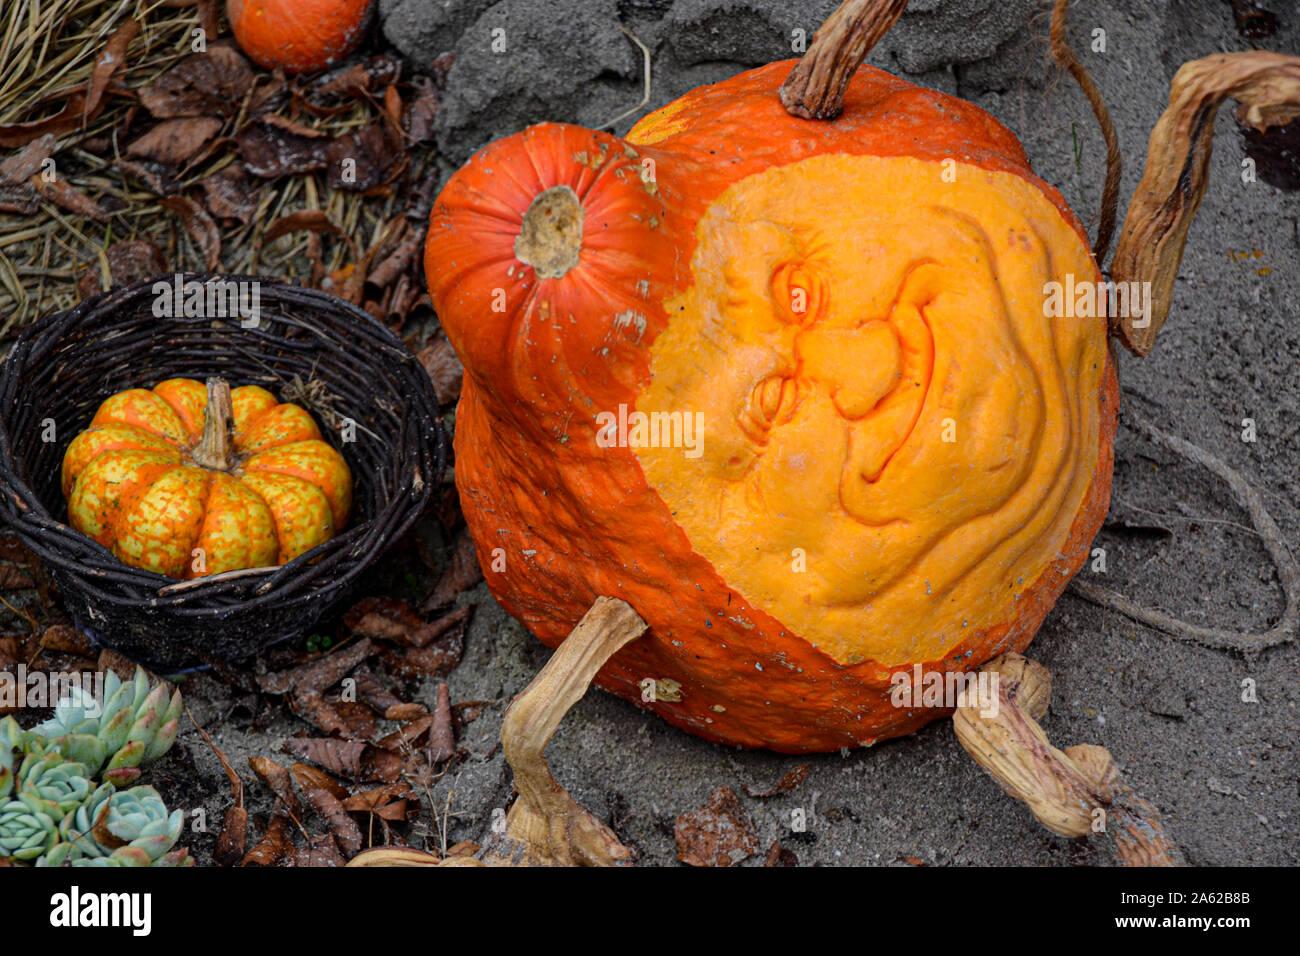 Grusel Kurbis Halloween.Halloween Kurbis Gruseliger Kurbis Halloween Dekoration Herbstdekoration Kurbis Schnitzen Schnitzerei Kurbisgesicht Stock Photo Alamy